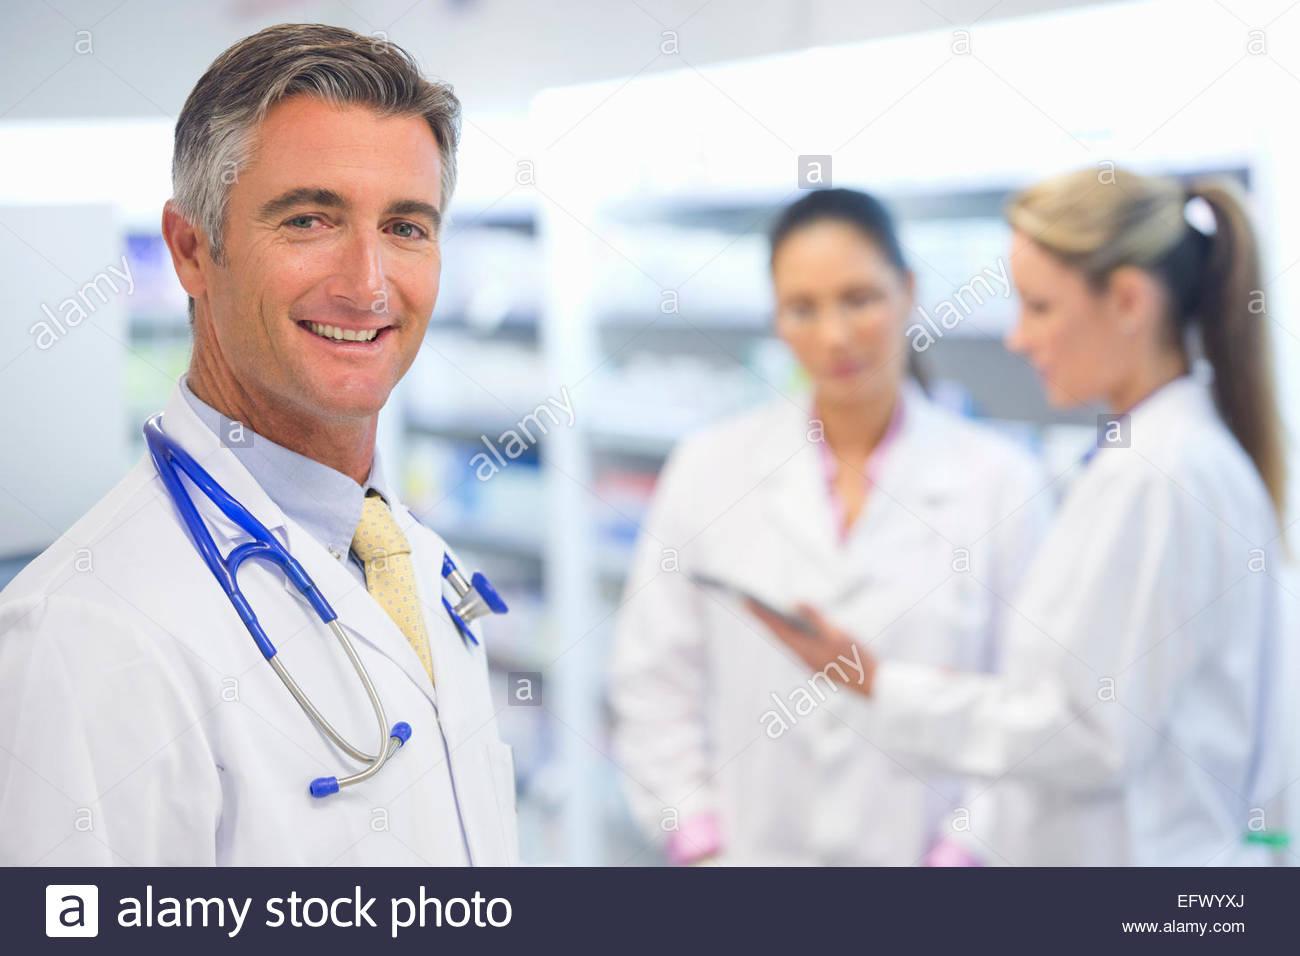 Médecin, wearing stethoscope, smiling at camera, avec des collègues en arrière-plan Photo Stock